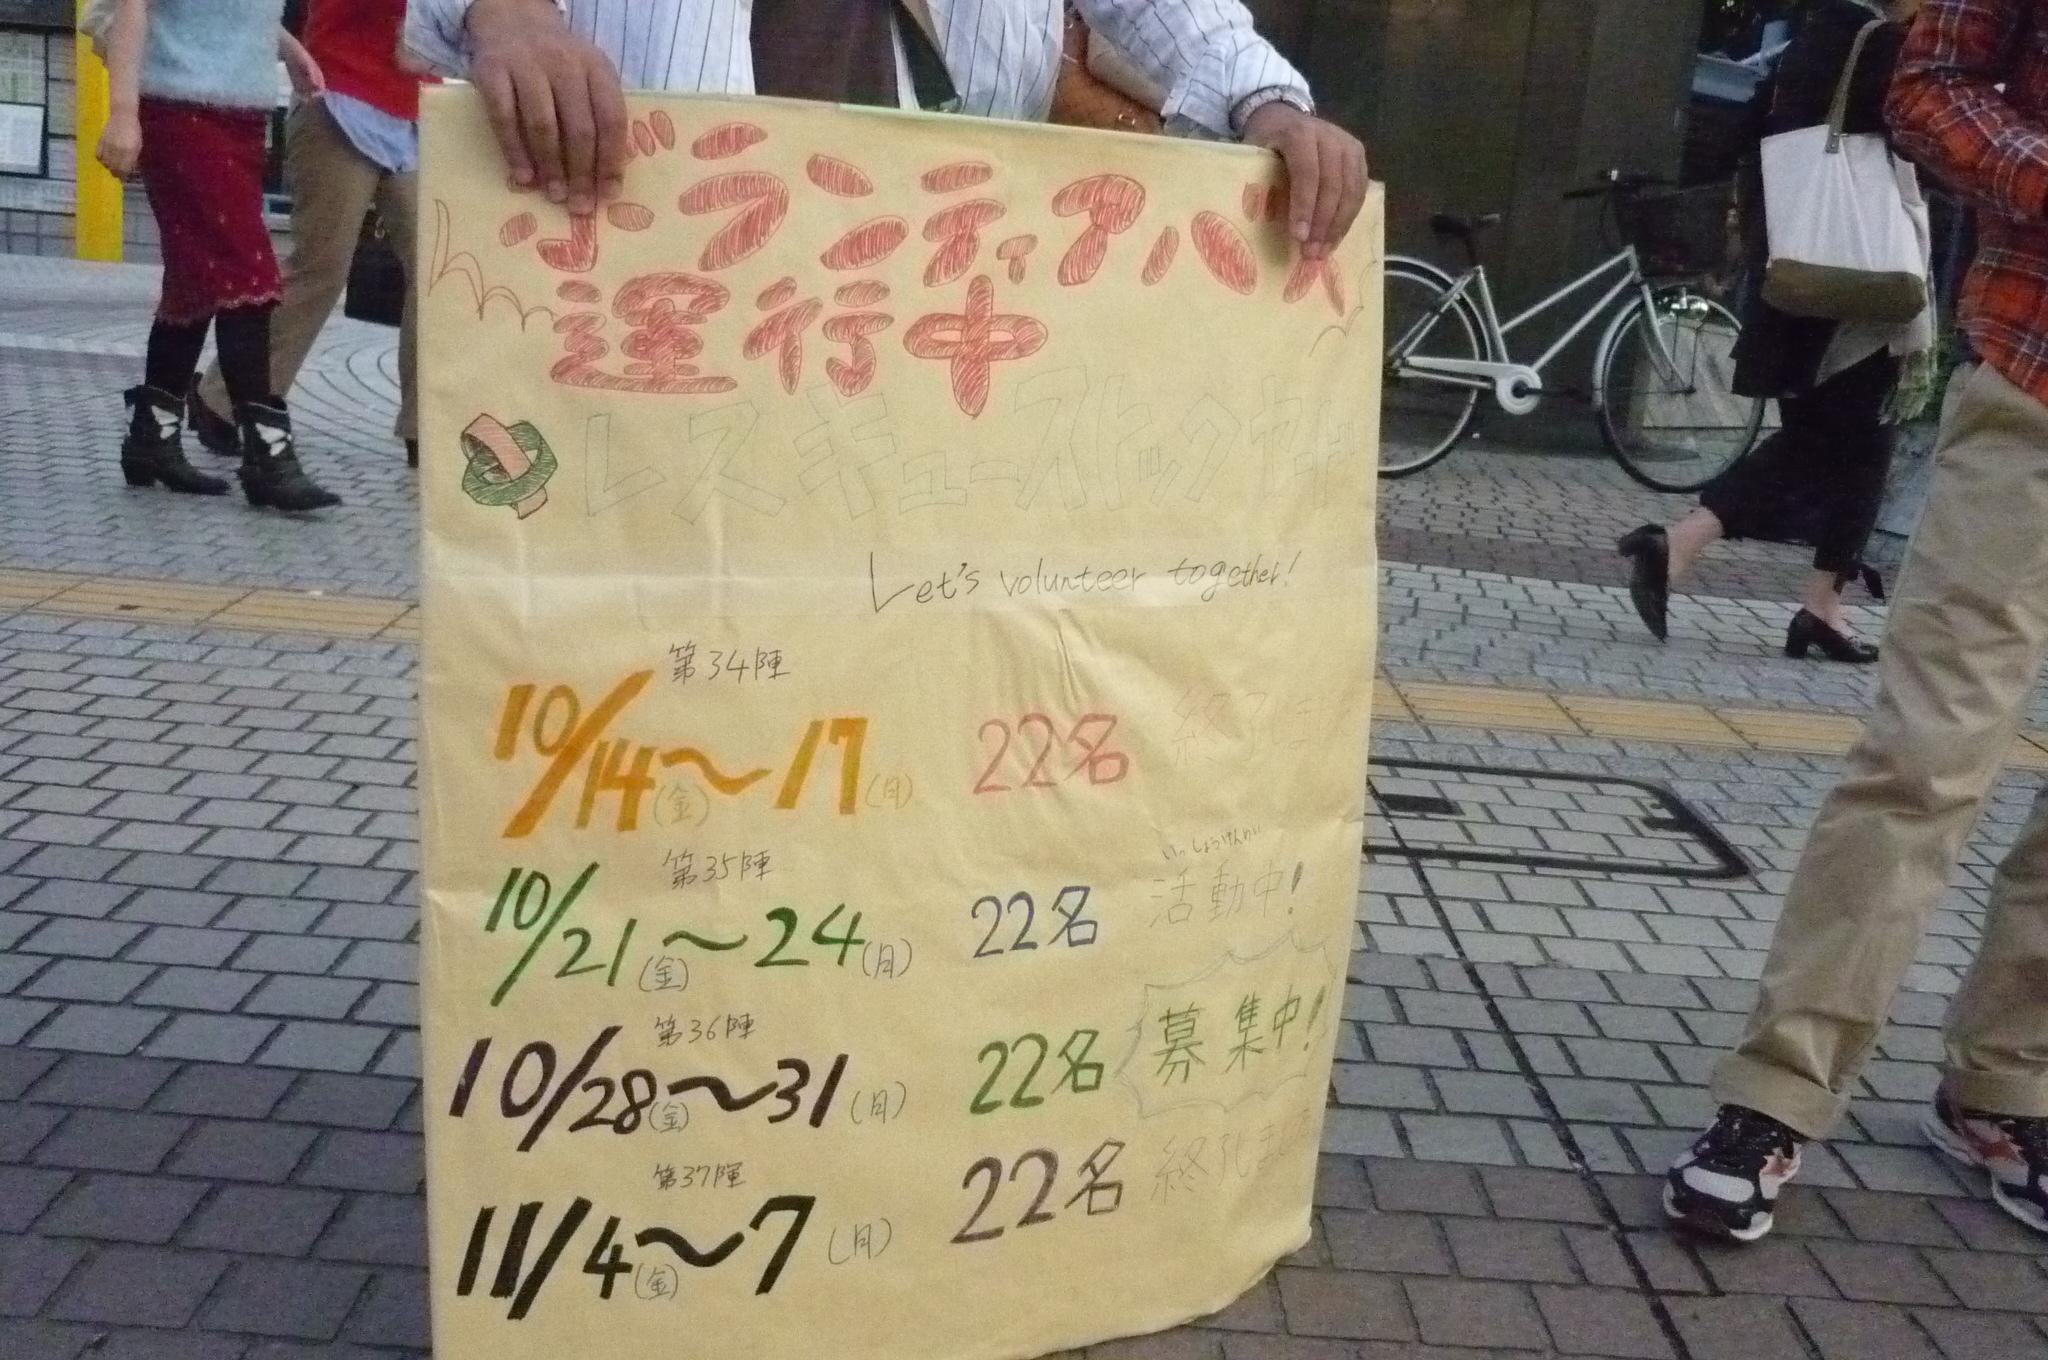 1029街頭募金 (2).JPG